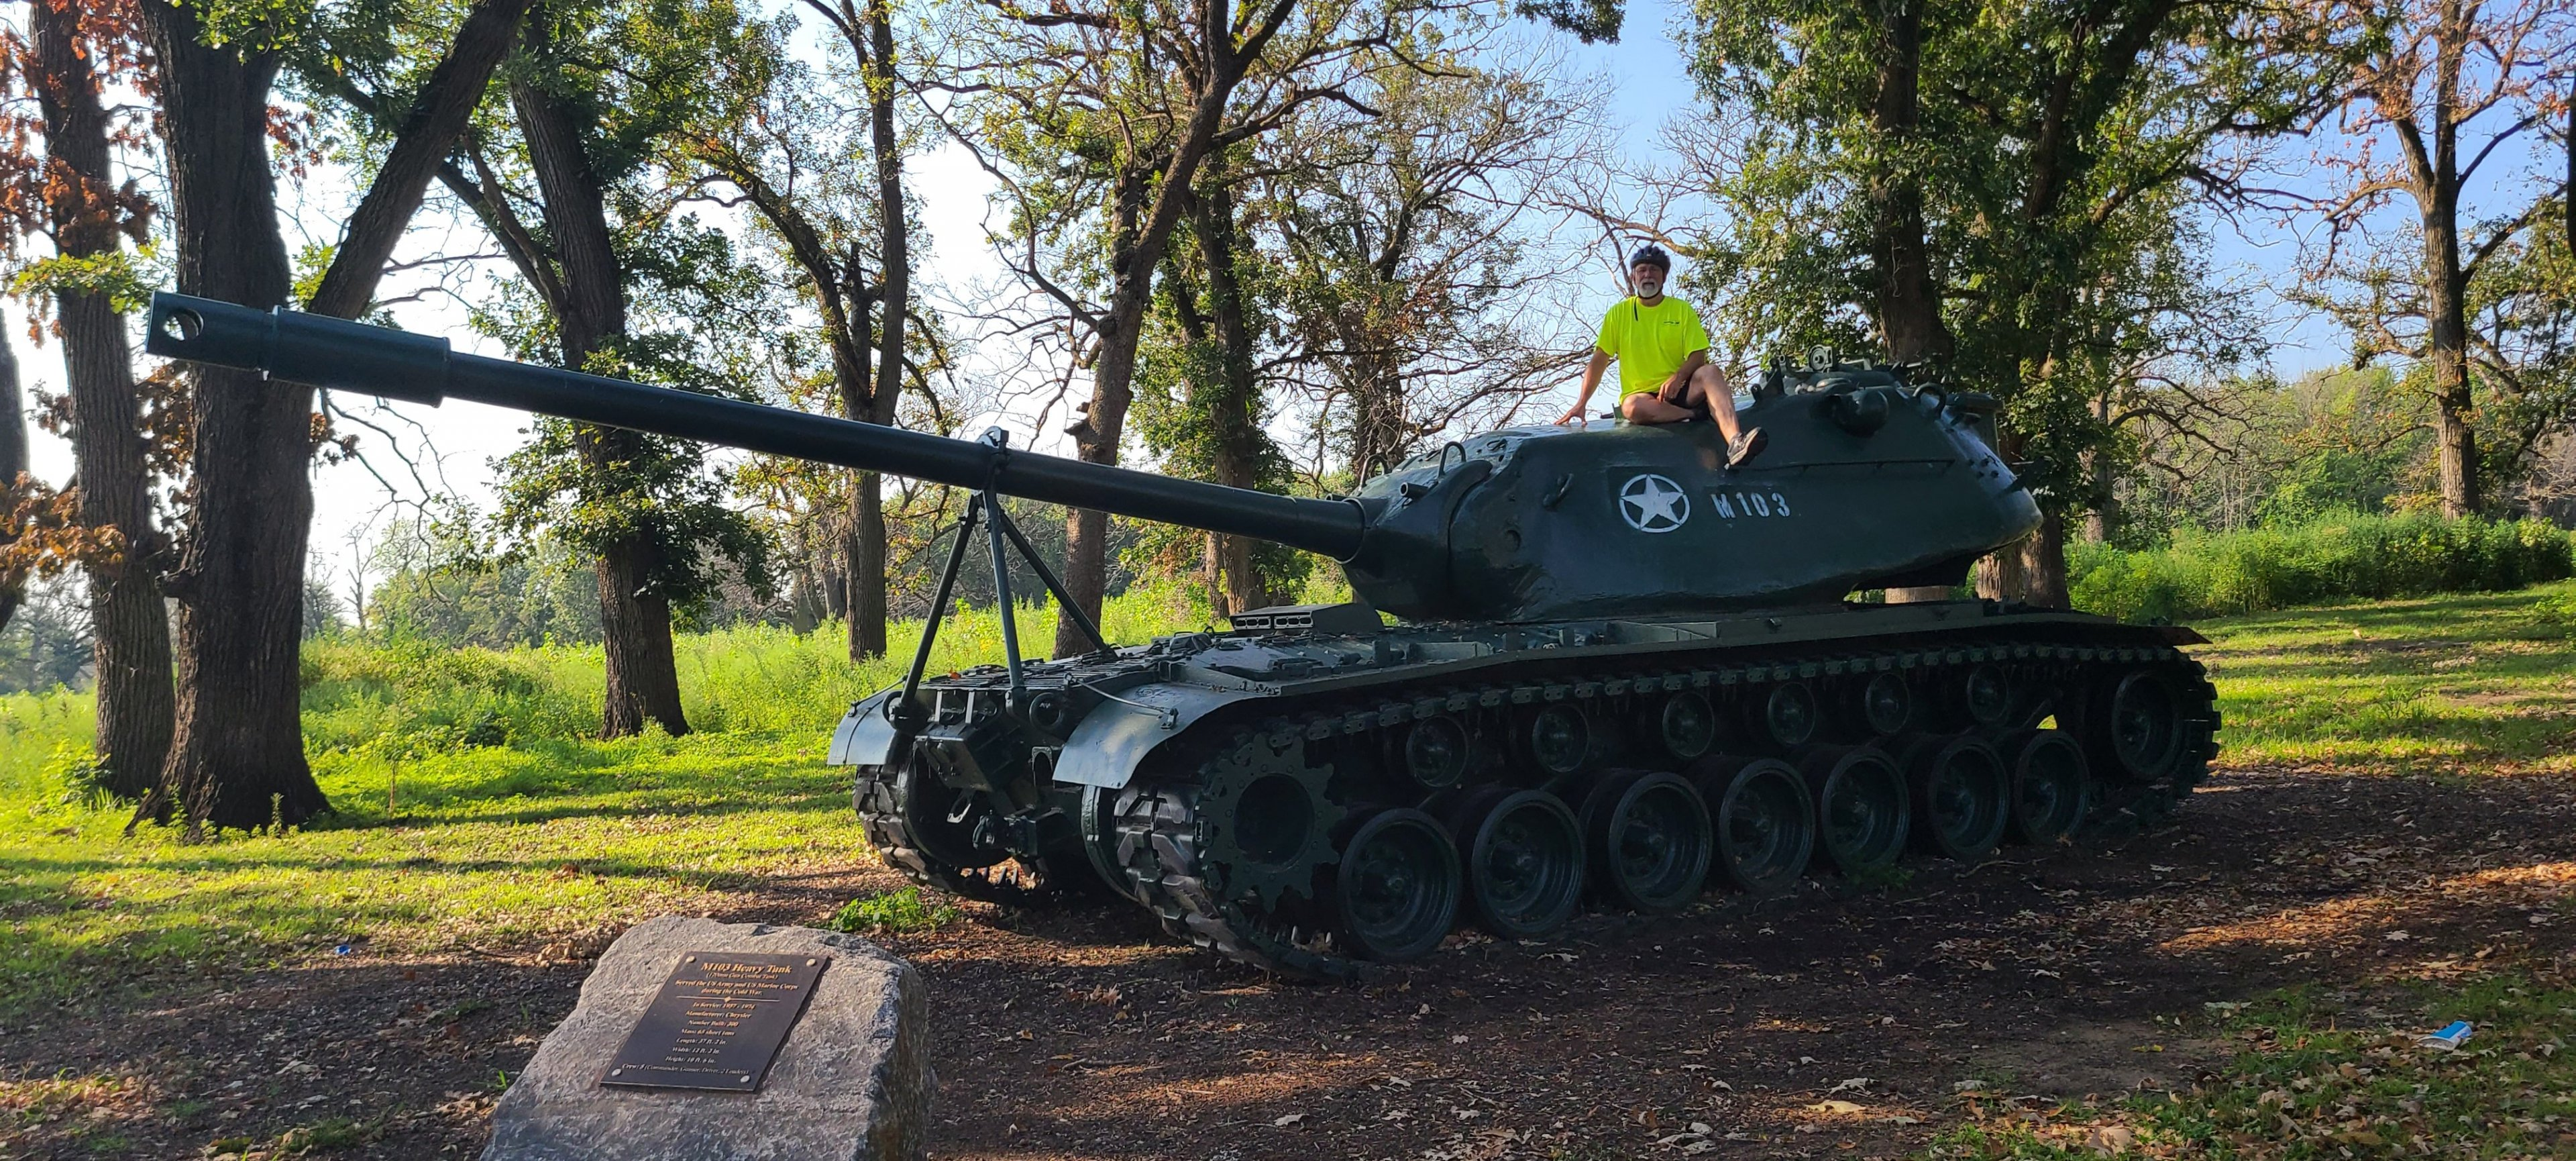 Ah Tanks